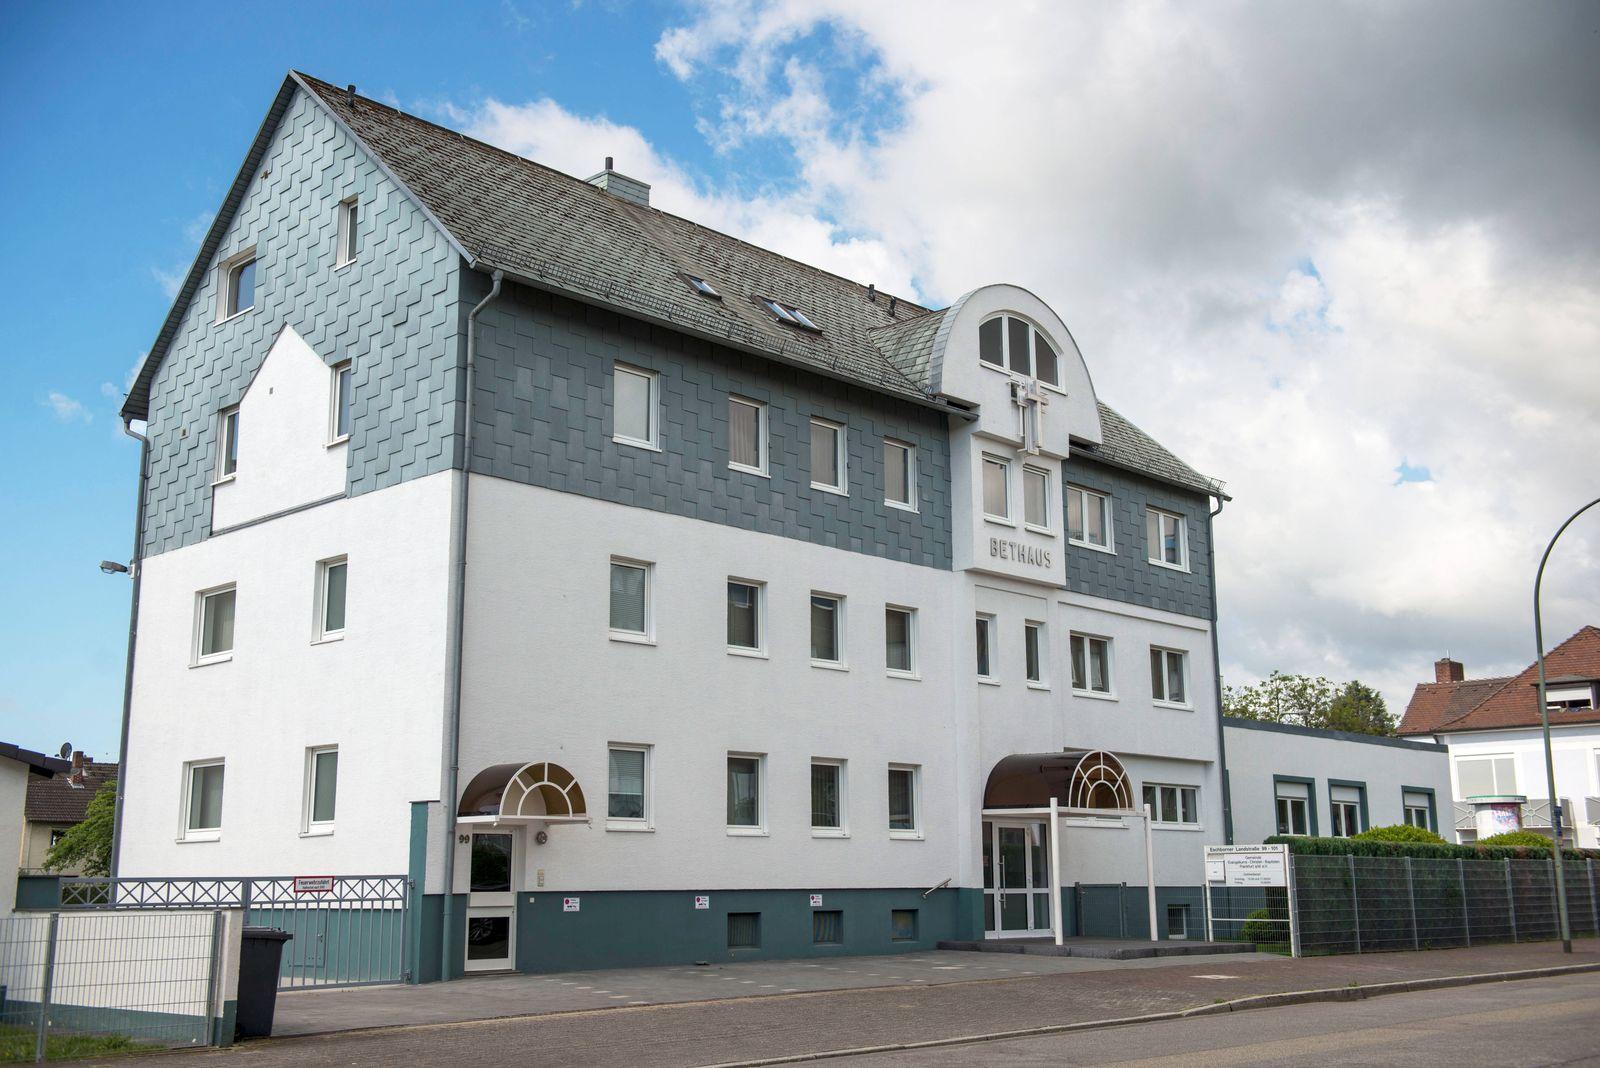 Evangeliums Christen Baptisten Gemeinde in Frankfurt am Main (Foto vom 24.05.2020). Bei einem Gottesdienst am 10. Mai in